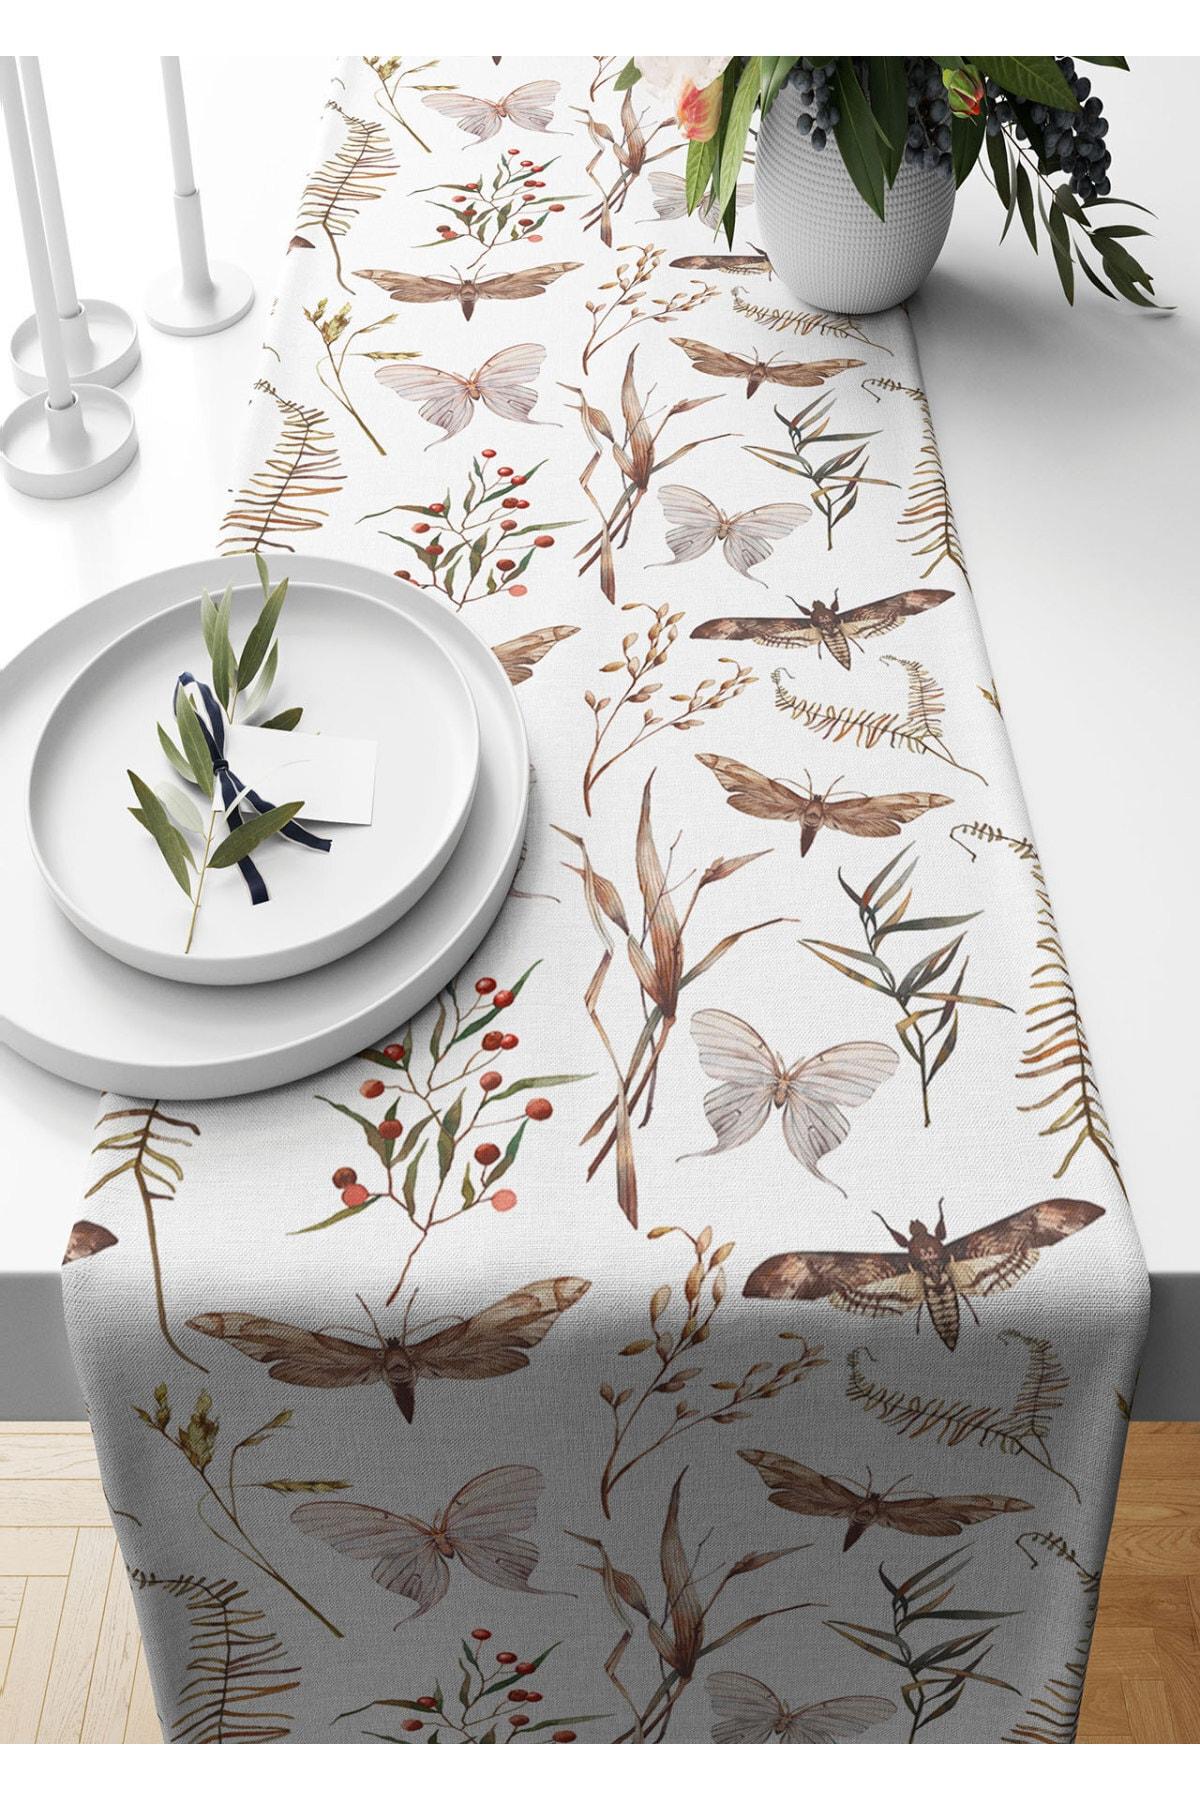 عداء 40*140 سم فراشة نمط الجلد المدبوغ المنسوجة مفرش طاولة غرفة المعيشة المطبخ هدية